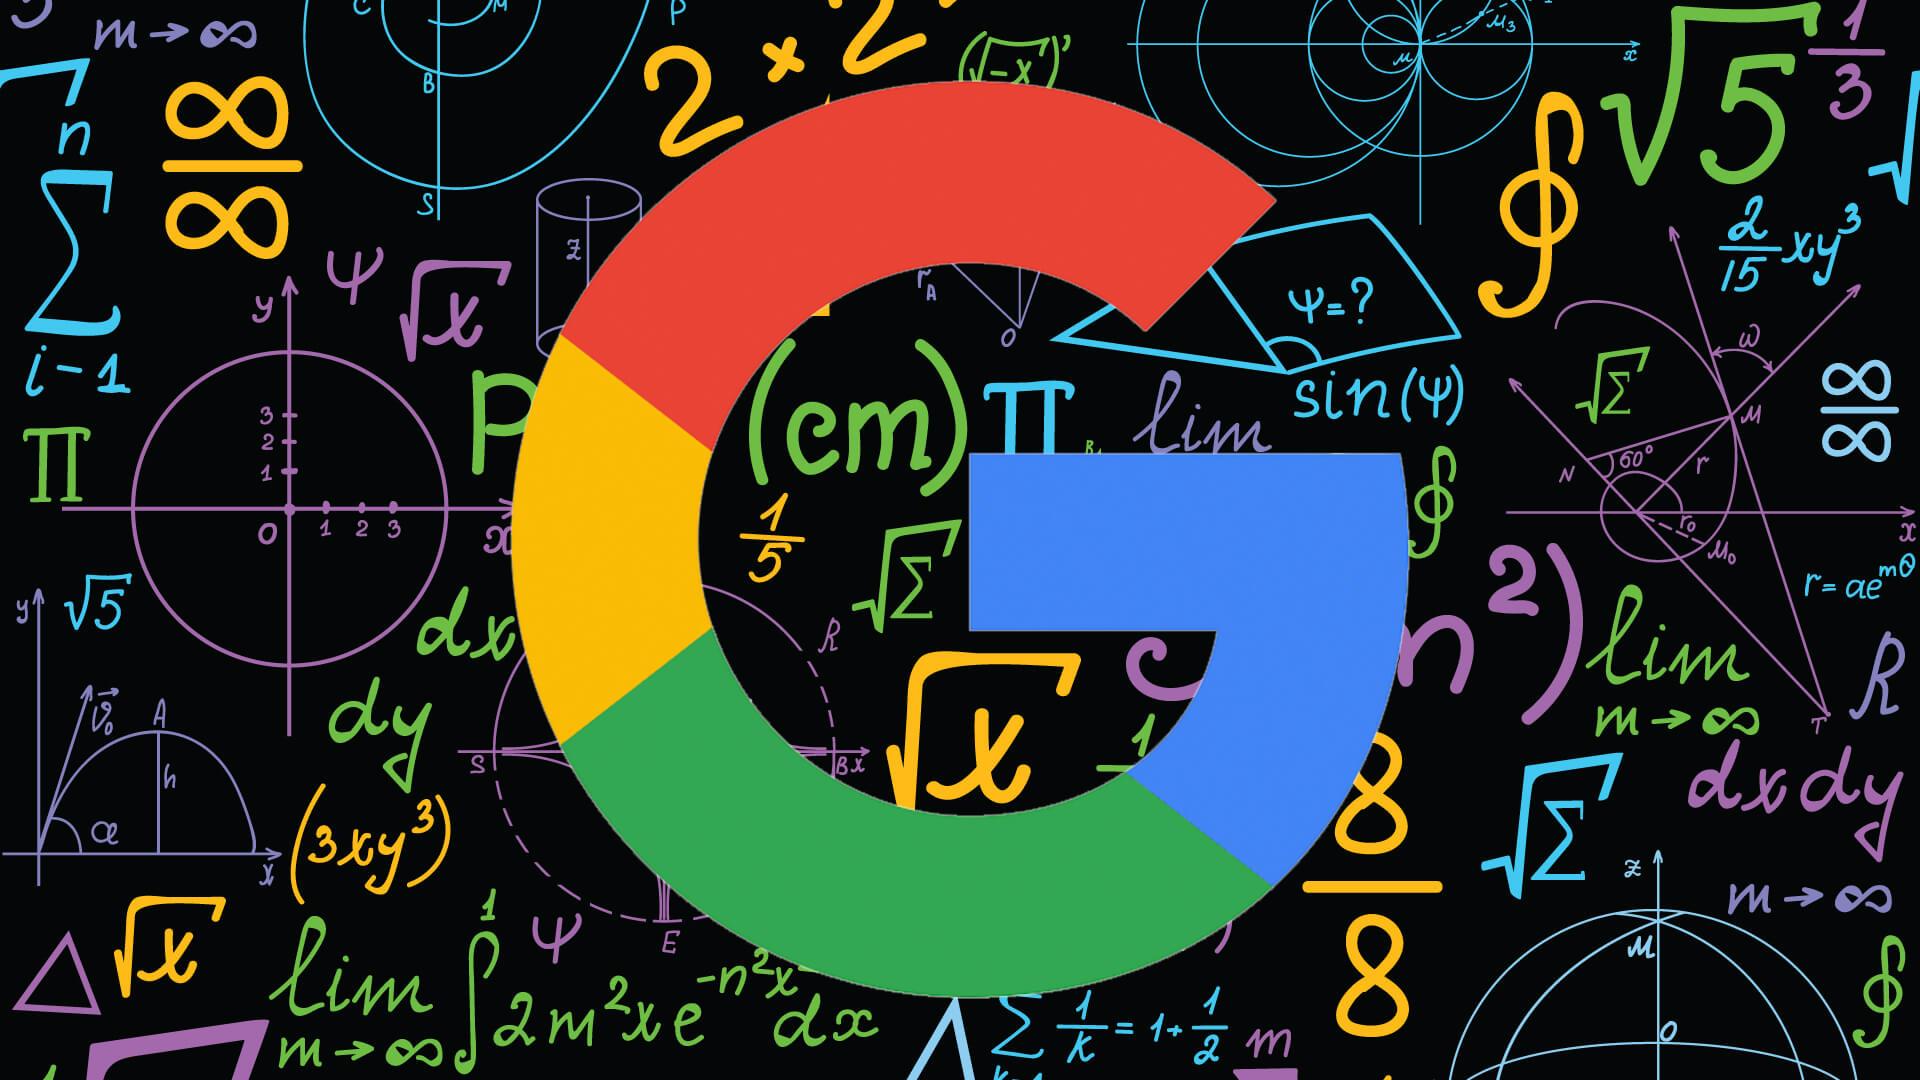 Сотрудник Google рассказал, как обновляются ссылочные алгоритмы для ранжирования